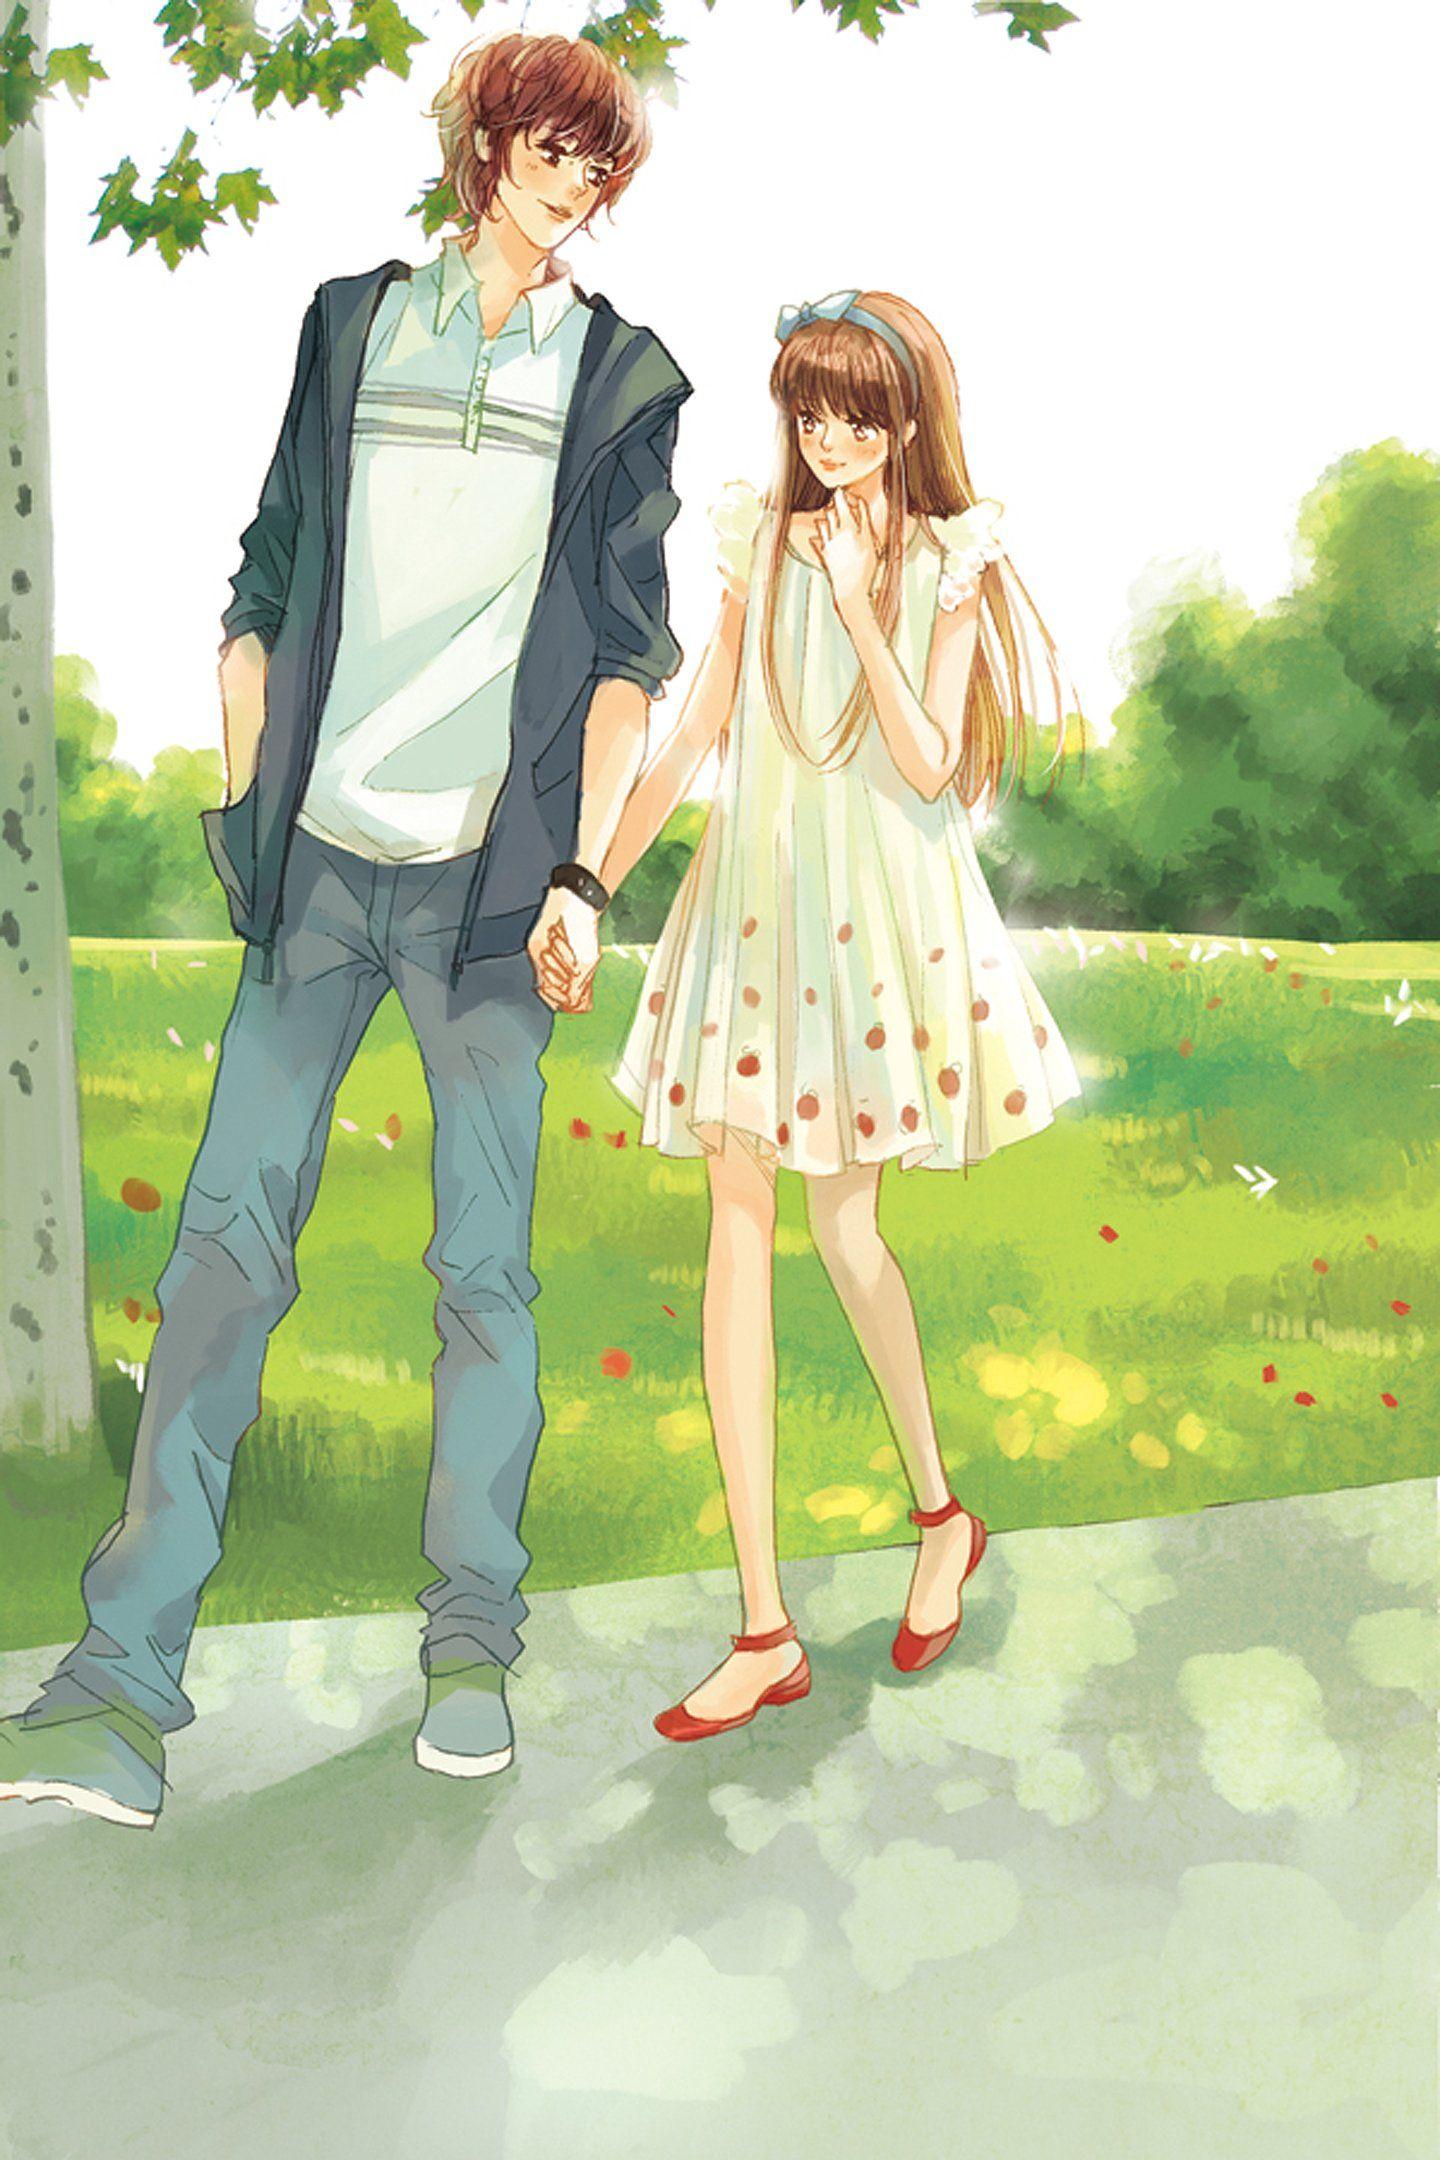 Ảnh cặp đôi Anime